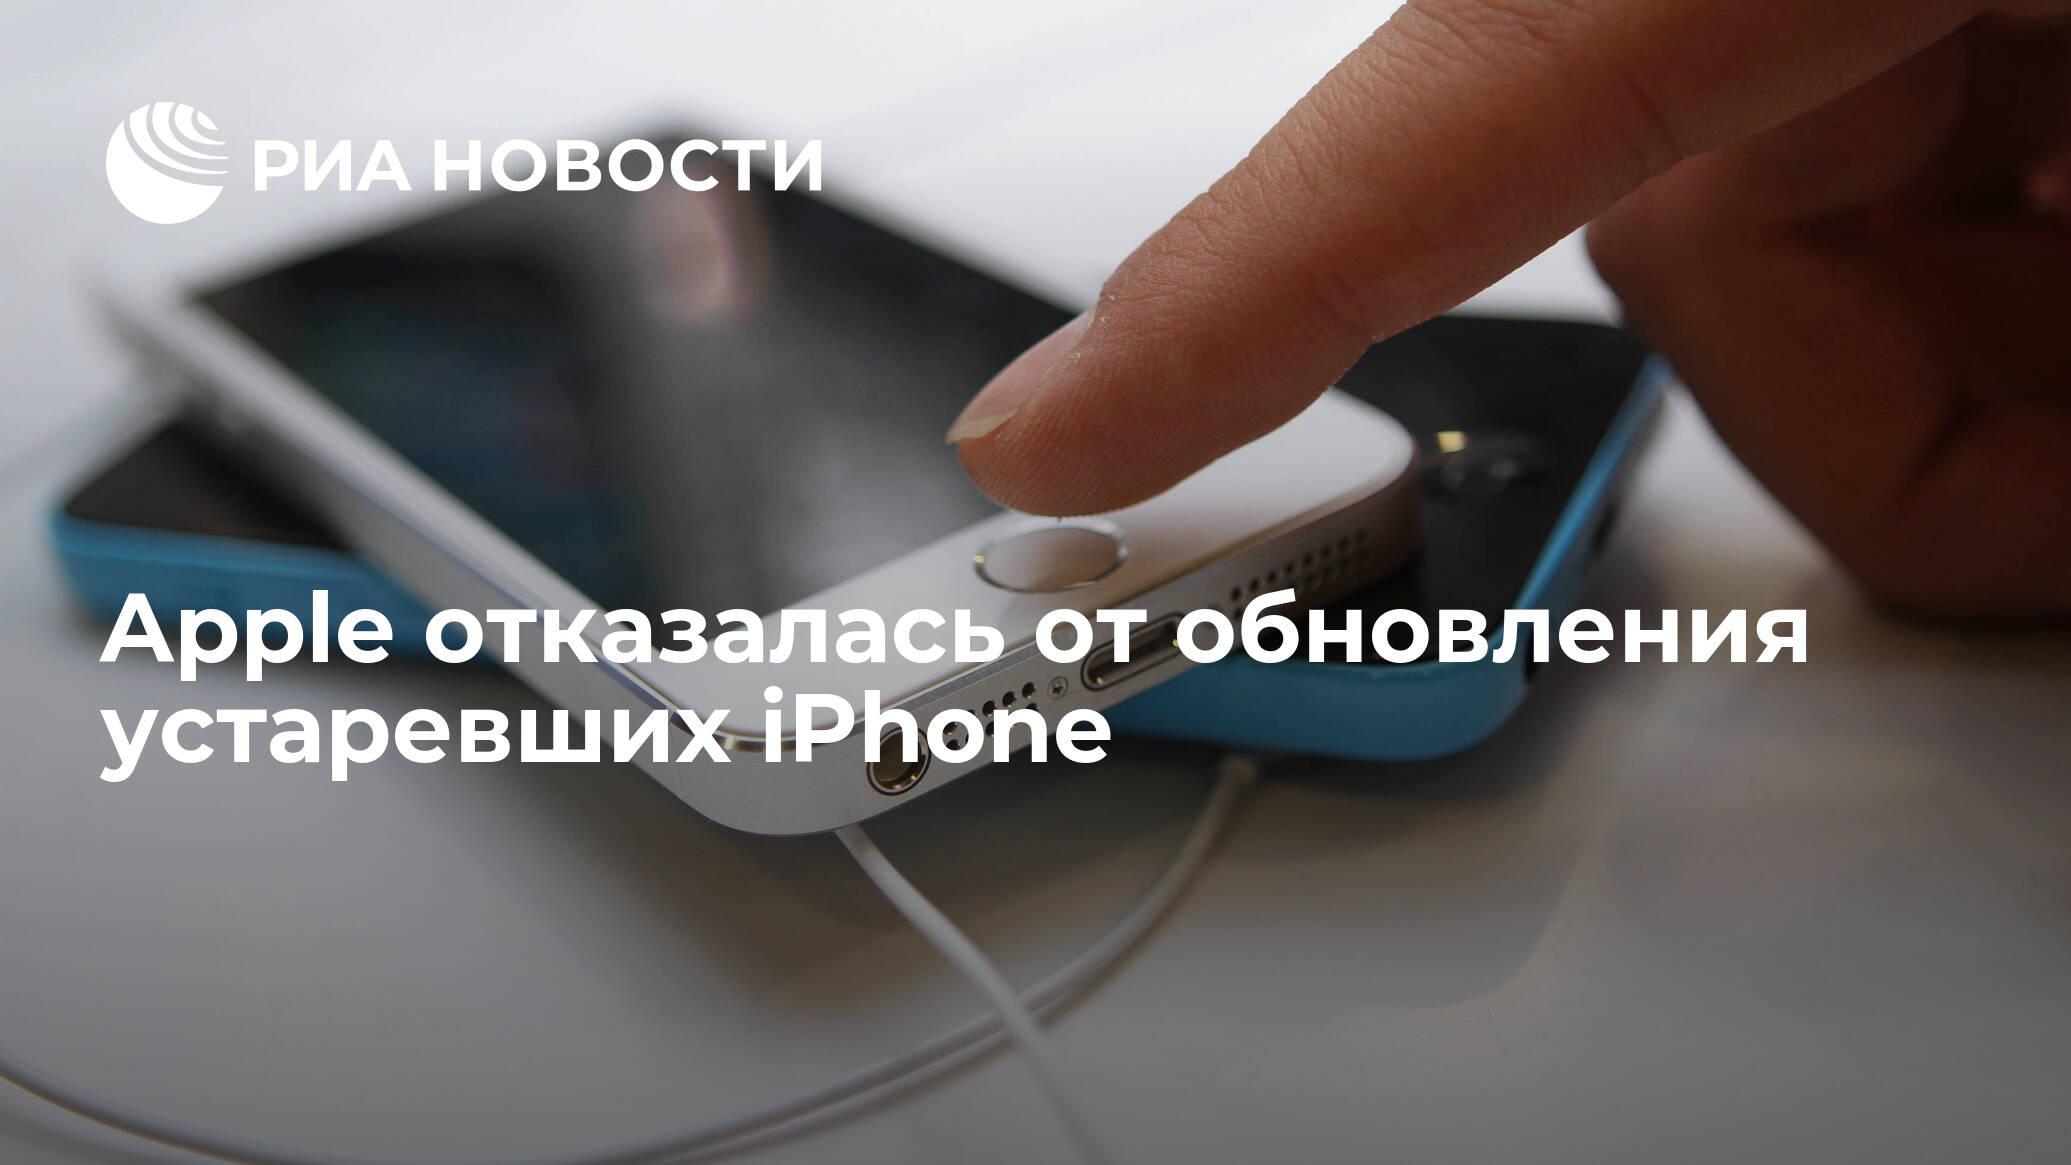 Купить айфон 5s в кредит онлайн